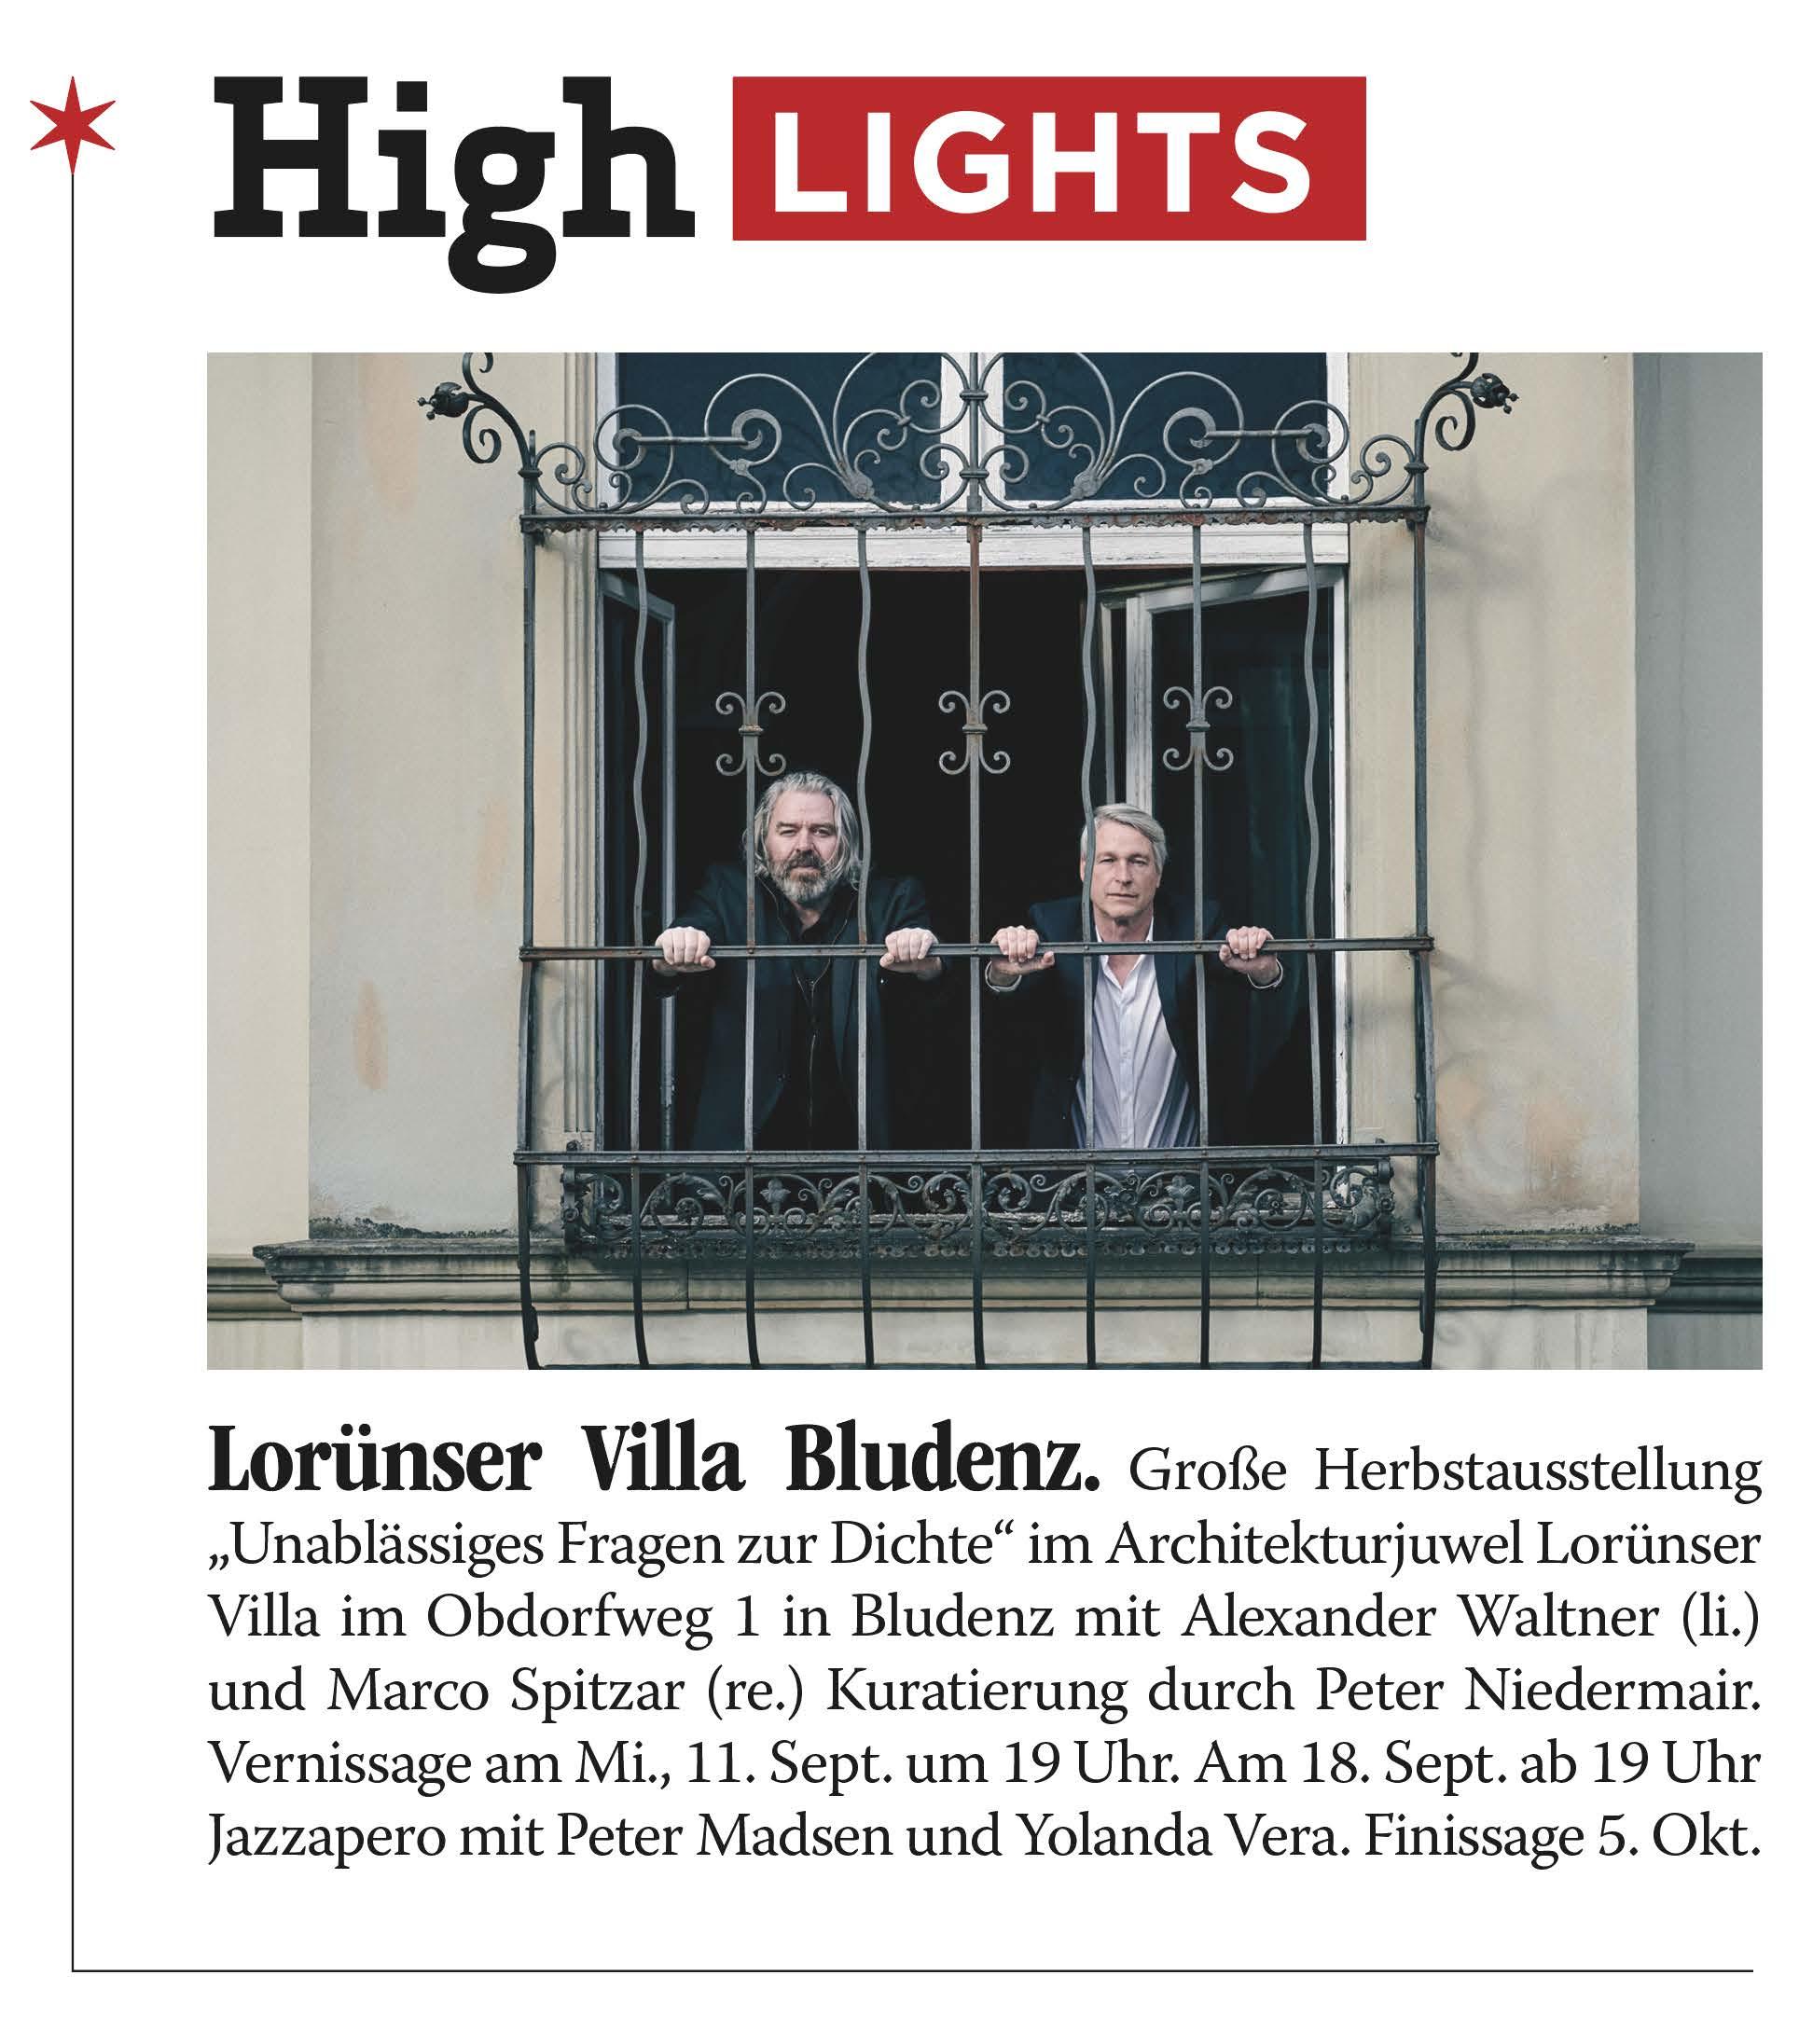 Lorünser Villa Highlights Ausschnitt.jpg